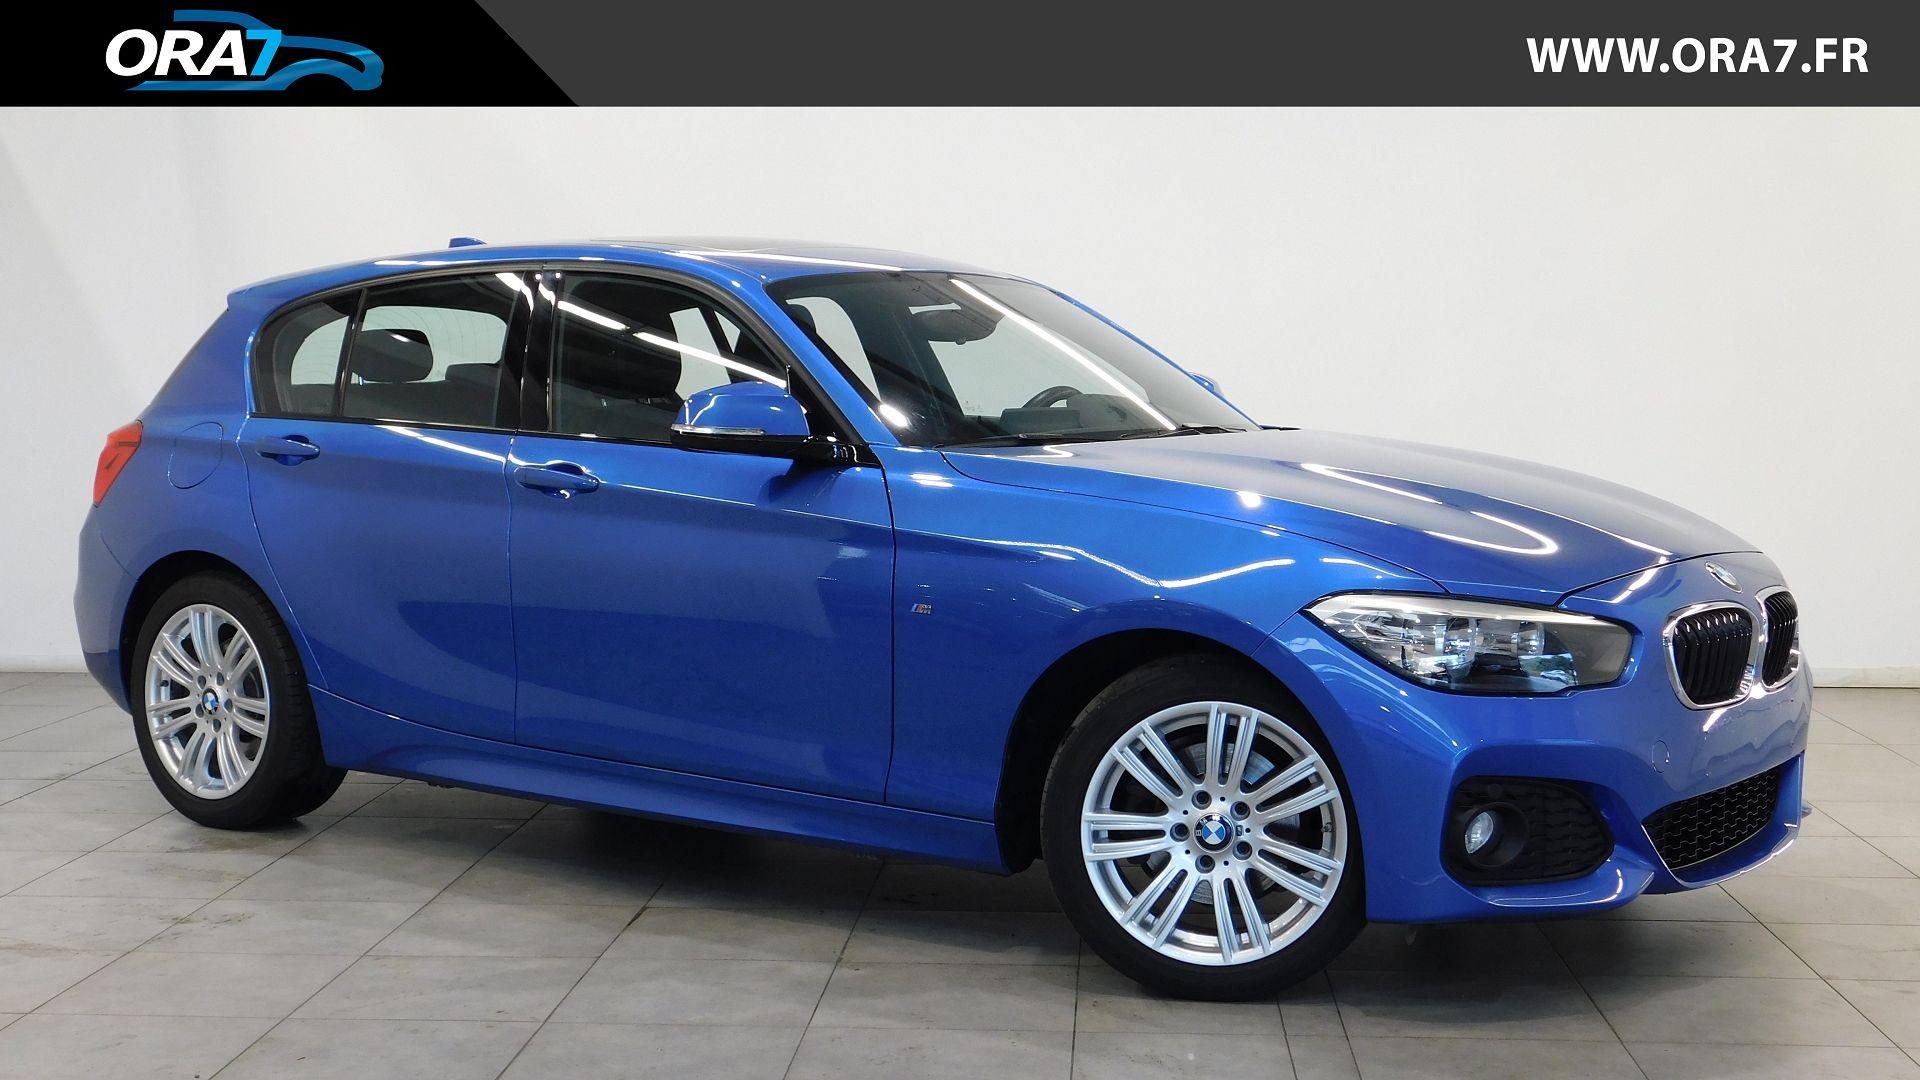 BMW SERIE 1 (F21/F20) 120IA 184CH M SPORT 5P d'occasion dans votre centre ORA7